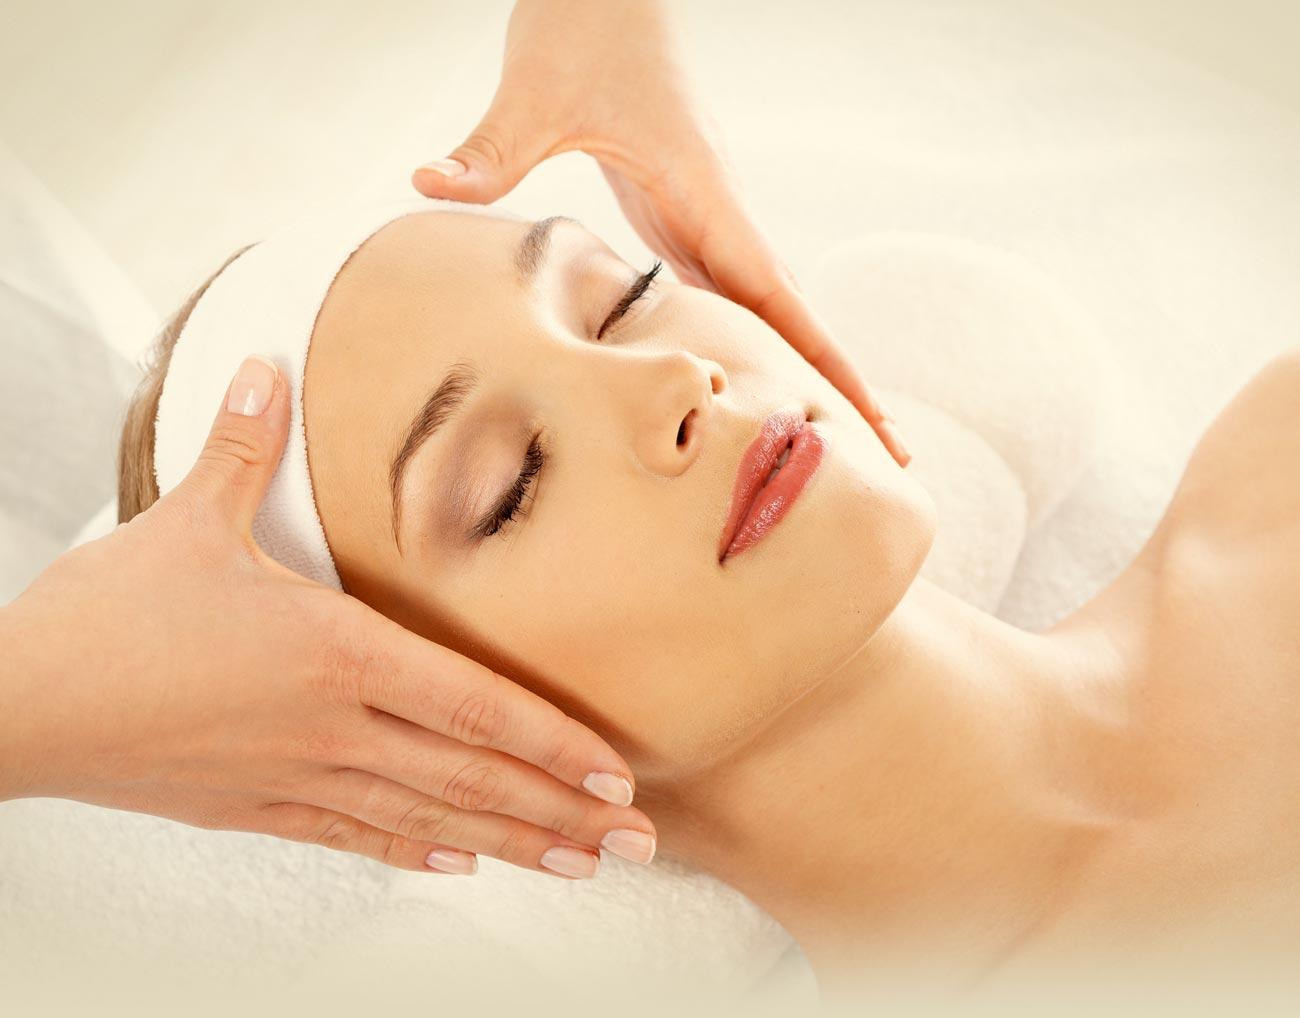 Омолаживающий массаж лица: полезные сведения о процедуре